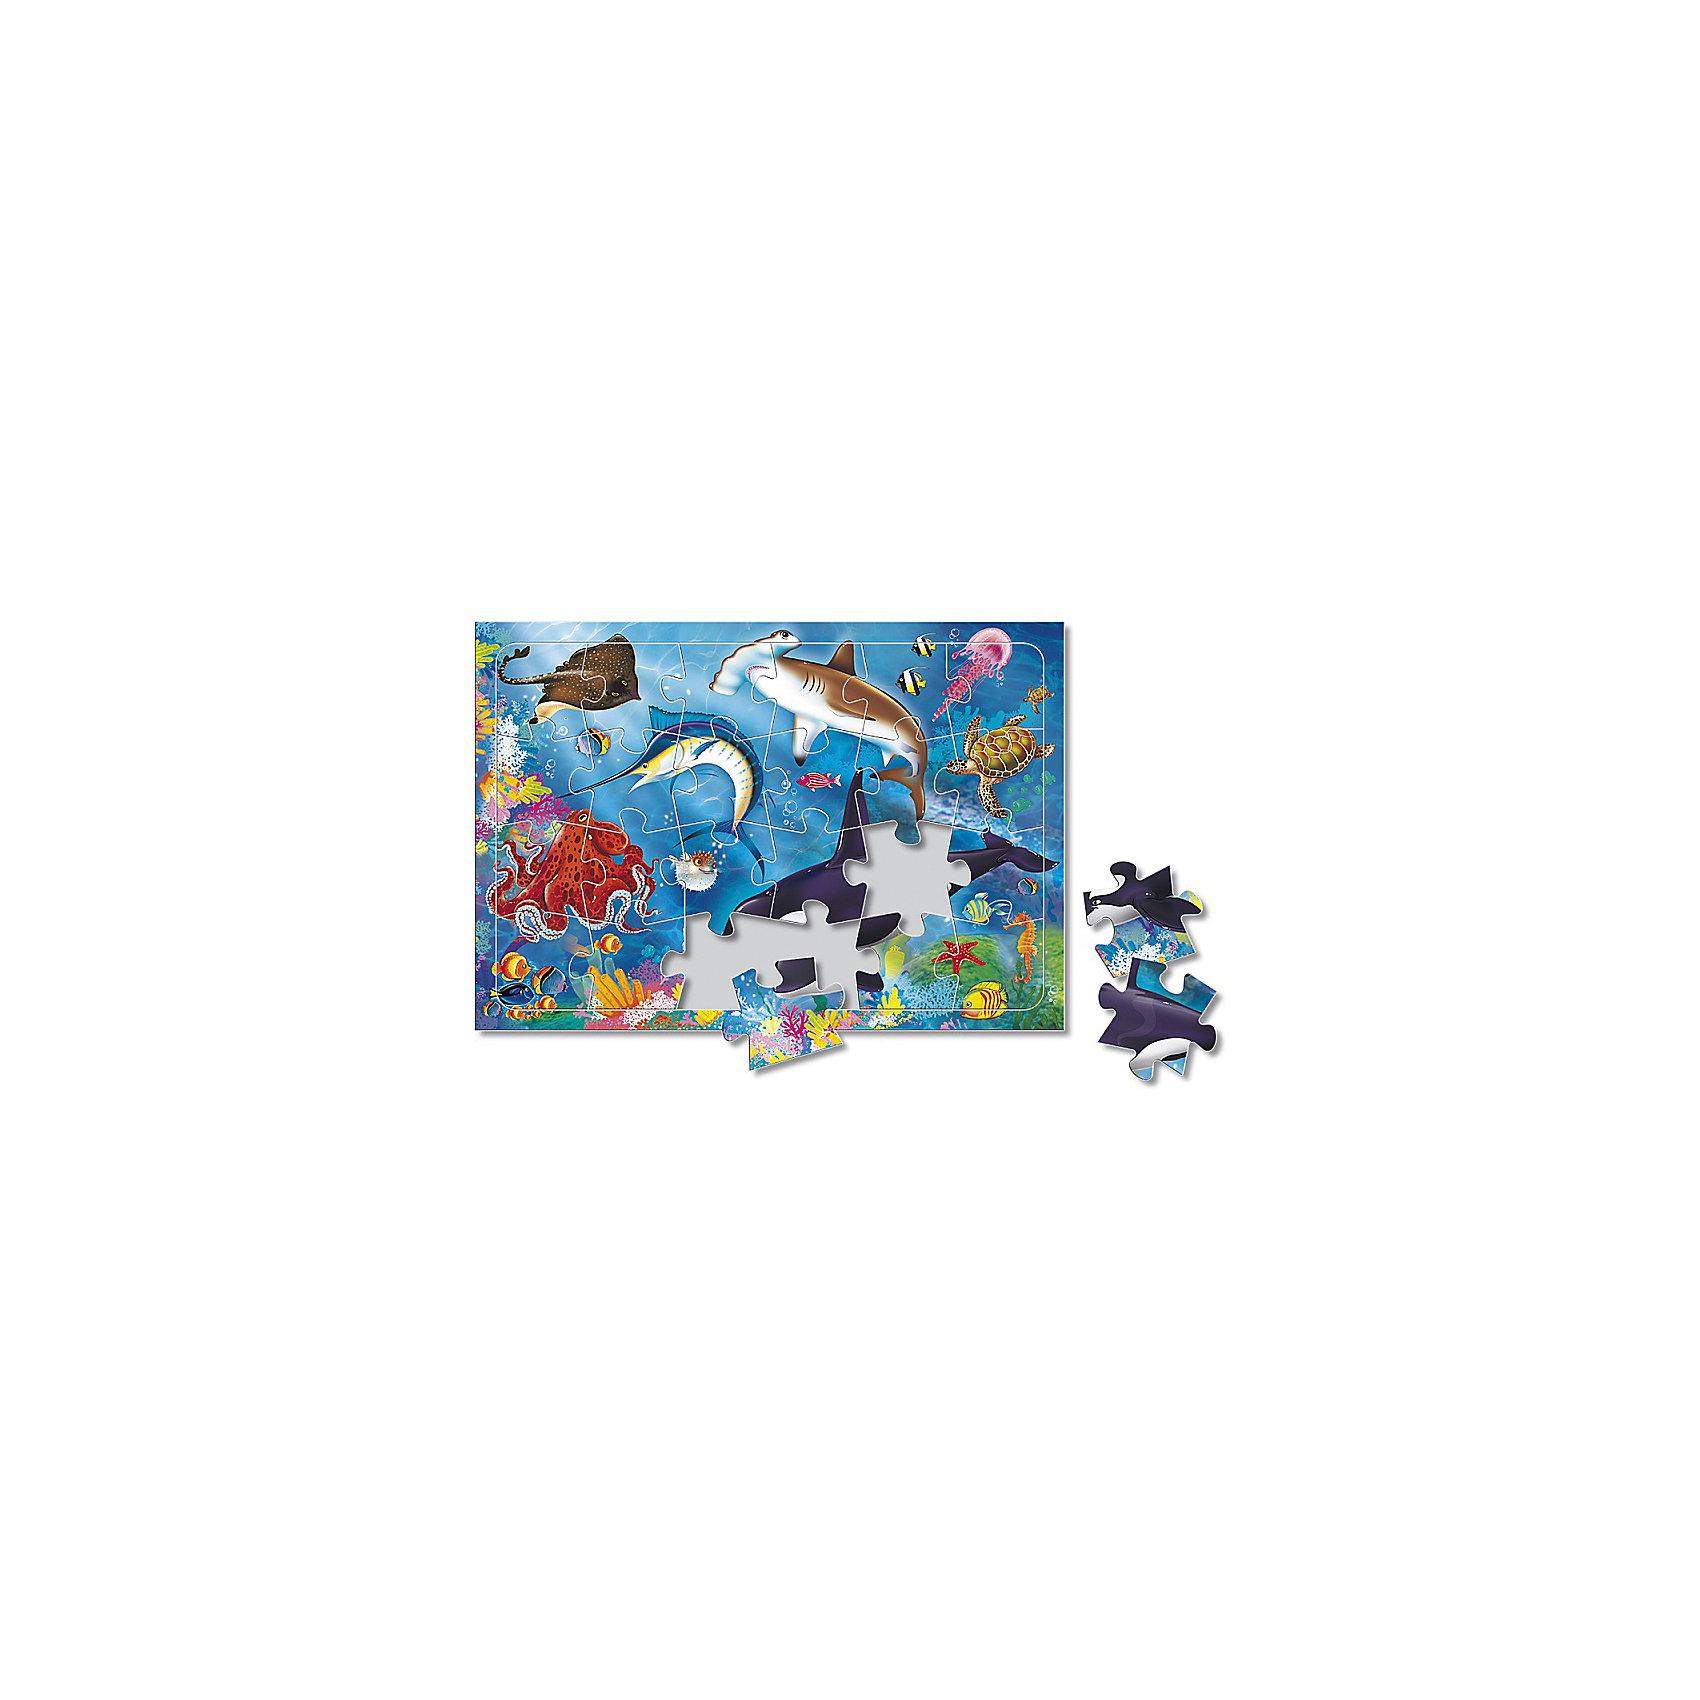 Пазл листовой на подложке В море, 24 деталиПазлы для малышей<br>Характеристики товара:<br><br>• возраст от 3 лет;<br>• материал: картон;<br>• в комплекте: 24 детали;<br>• размер пазла 20х28,5 см;<br>• размер упаковки 29х20х5 см;<br>• страна производитель: Россия.<br><br>Пазл листовой на подложке «В море» ГеоДом позволит малышам весело и увлекательно провести время, собирая яркую картинку. Малыш не только интересно проведет время, но и познакомится с морскими обитателями. В процессе сборки пазла у малышей развивается пространственное мышление, моторика рук, внимательность.<br><br>Пазл листовой на подложке «В море» ГеоДом можно приобрести в нашем интернет-магазине.<br><br>Ширина мм: 290<br>Глубина мм: 200<br>Высота мм: 50<br>Вес г: 132<br>Возраст от месяцев: 36<br>Возраст до месяцев: 2147483647<br>Пол: Унисекс<br>Возраст: Детский<br>SKU: 5518185